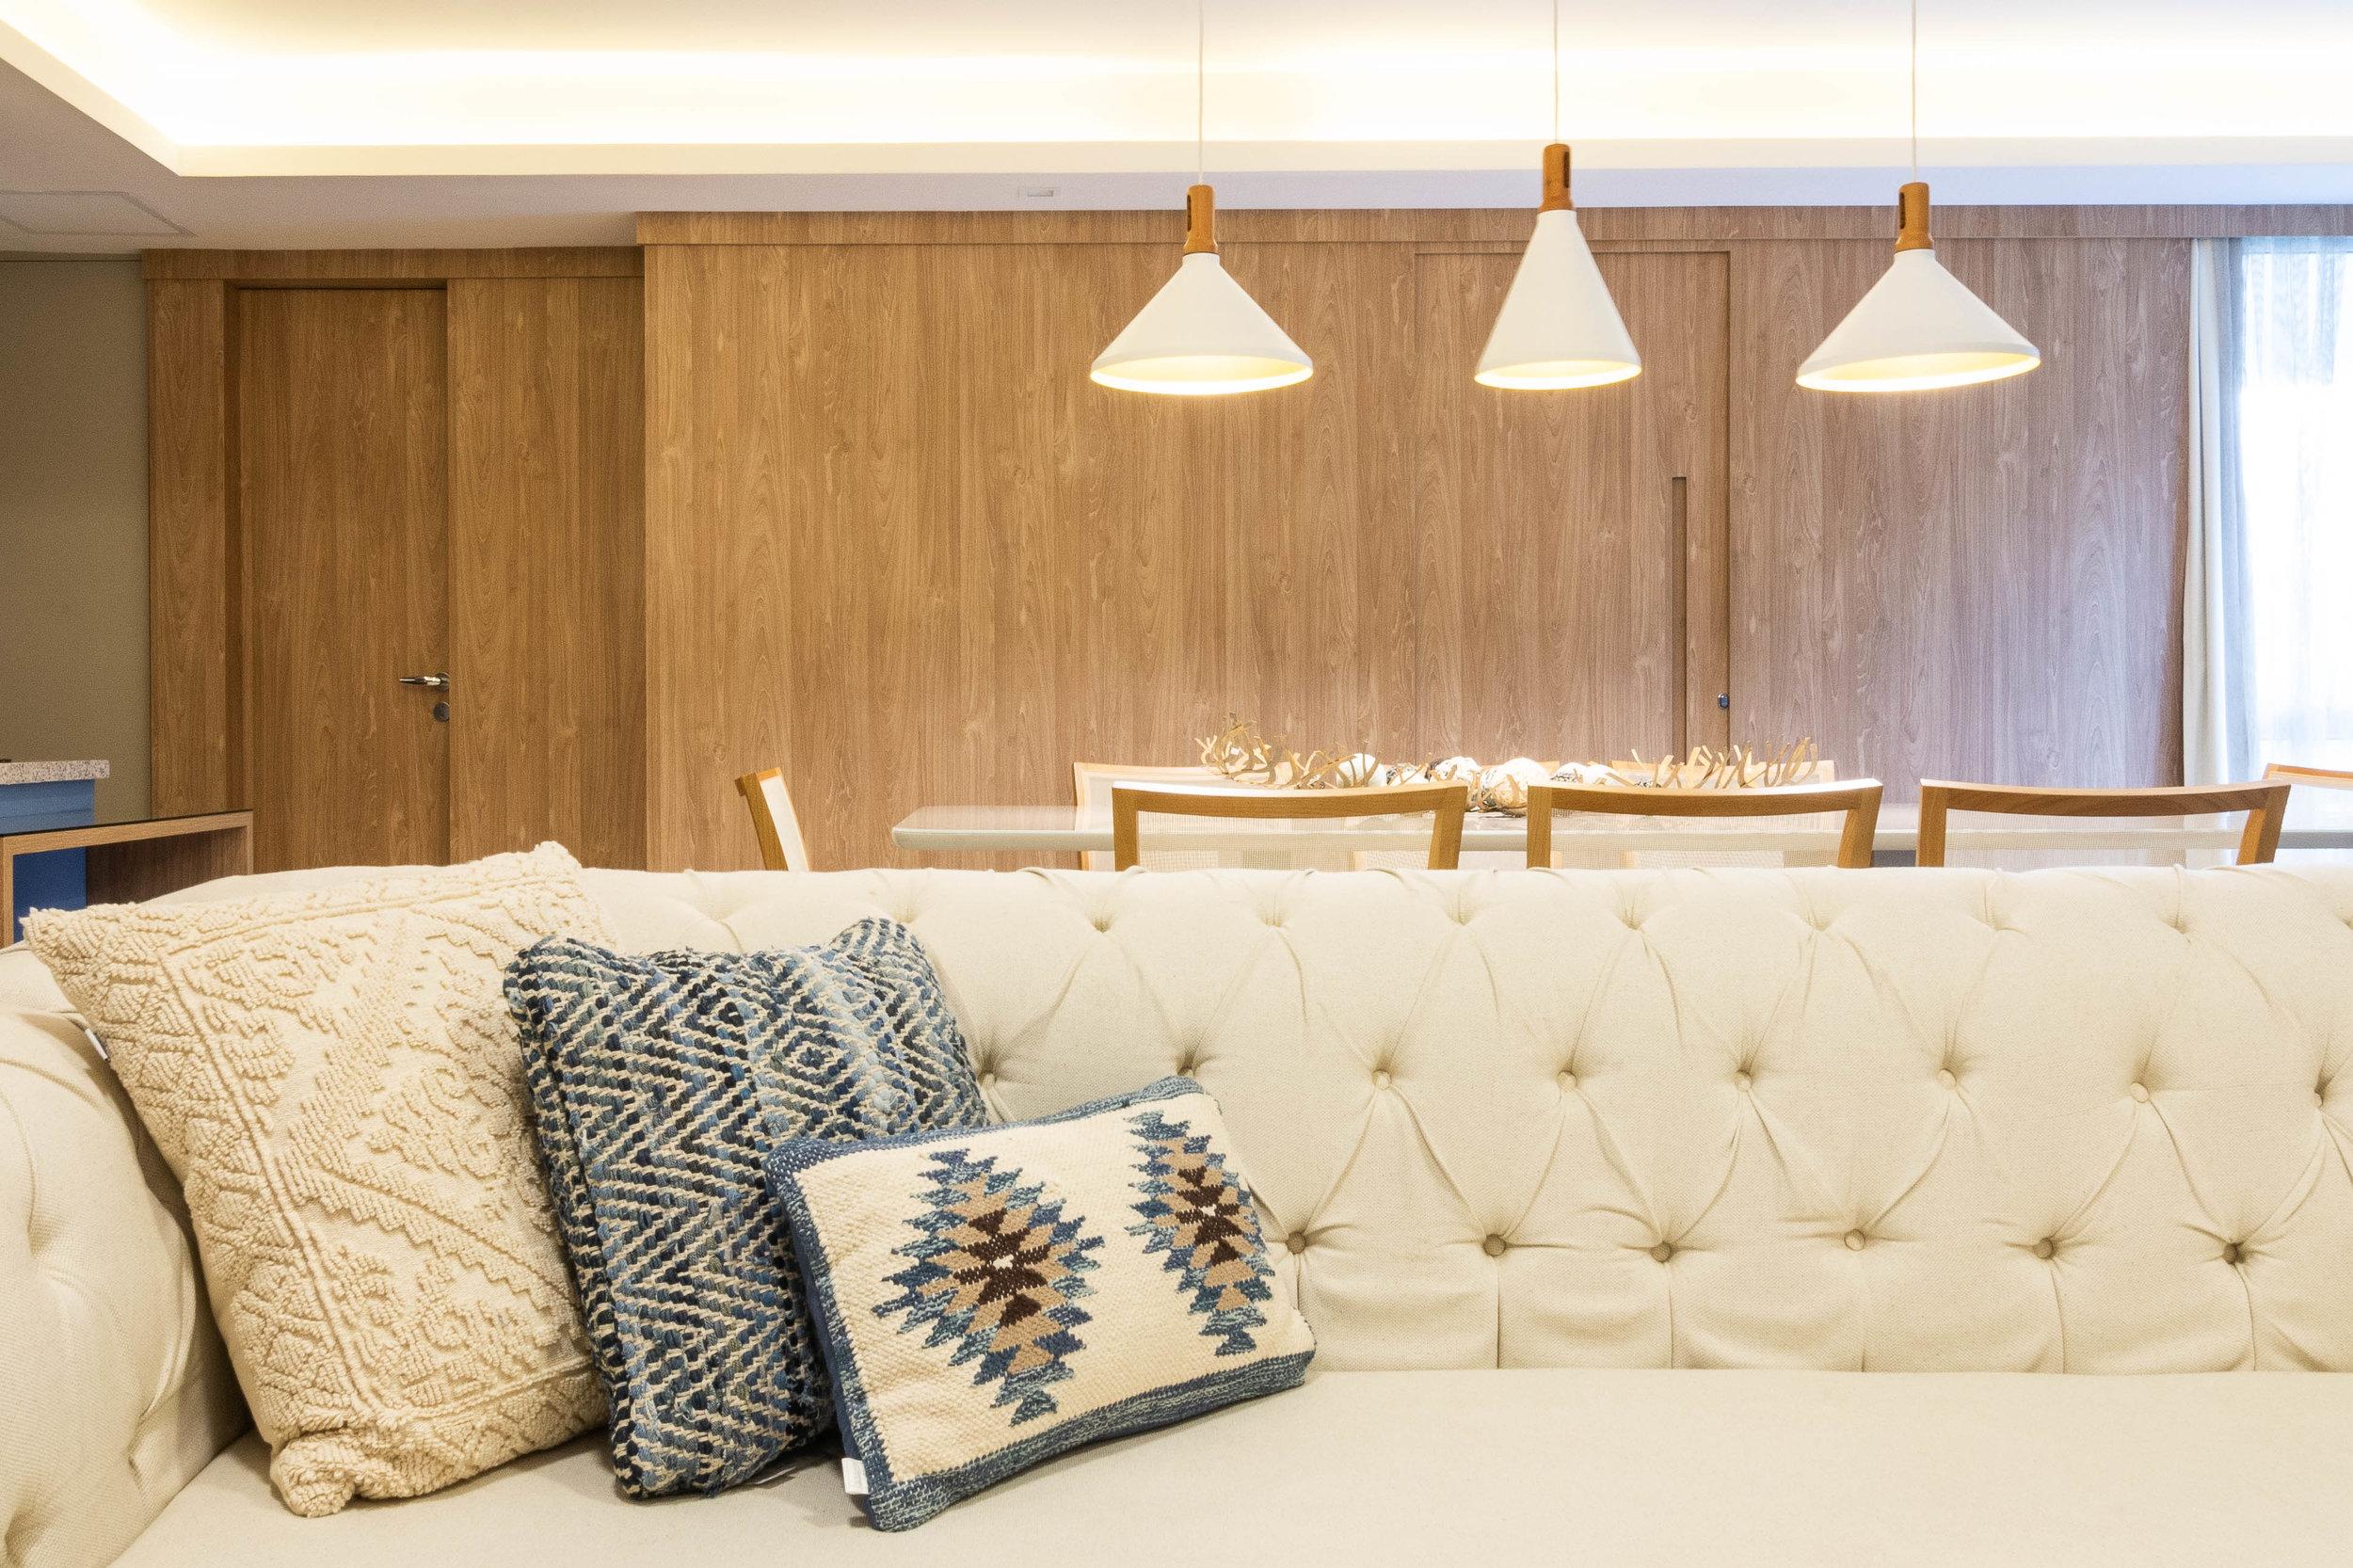 projeto-arquitetonico-luciananilton-duo-arquitetura-apartamentos-praia-03.jpg